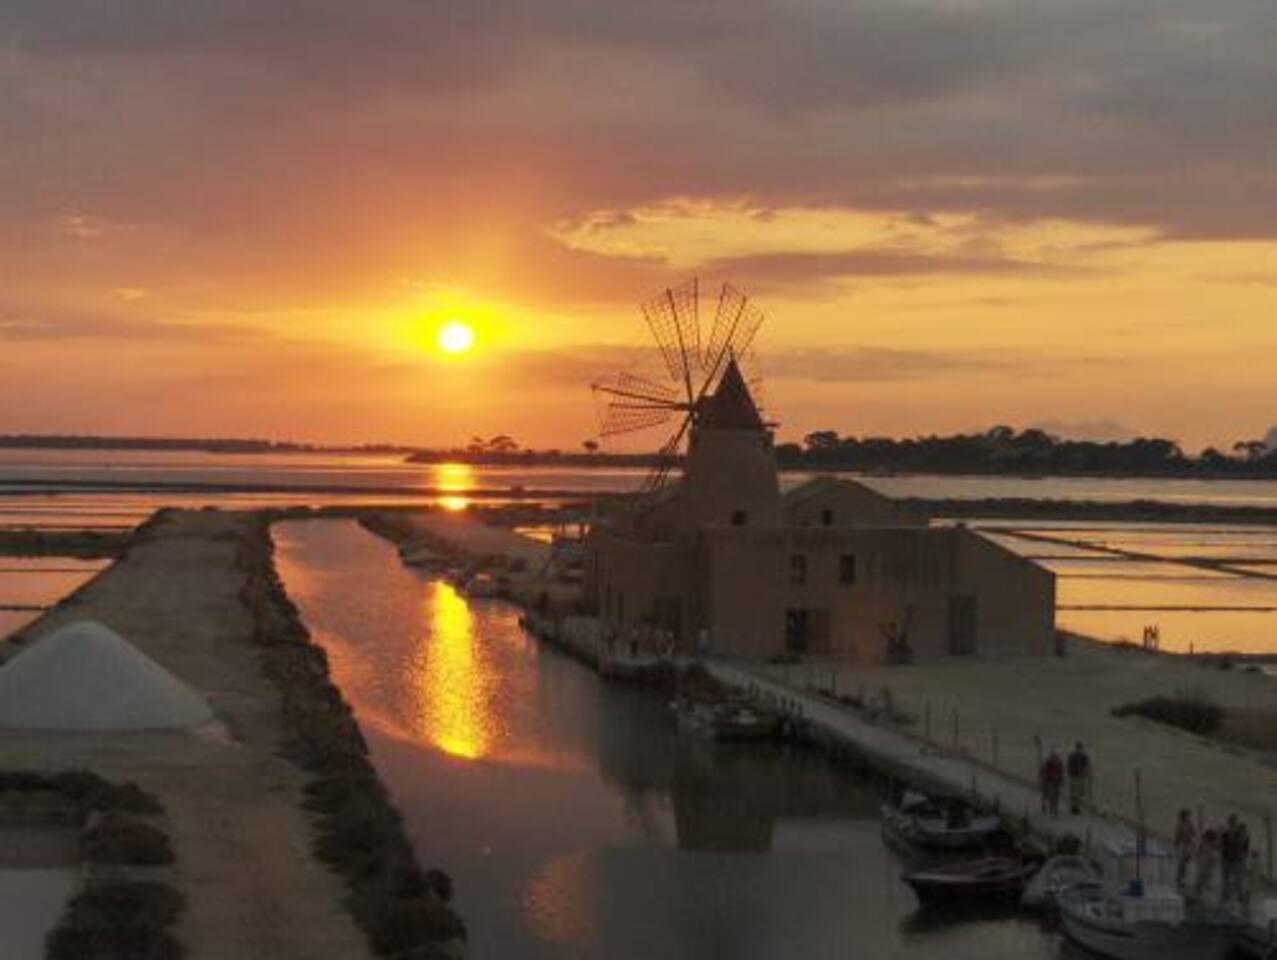 Le Saline di Marsala: una delle prime tappe per una vacanza da sogno a Marsala! :-)